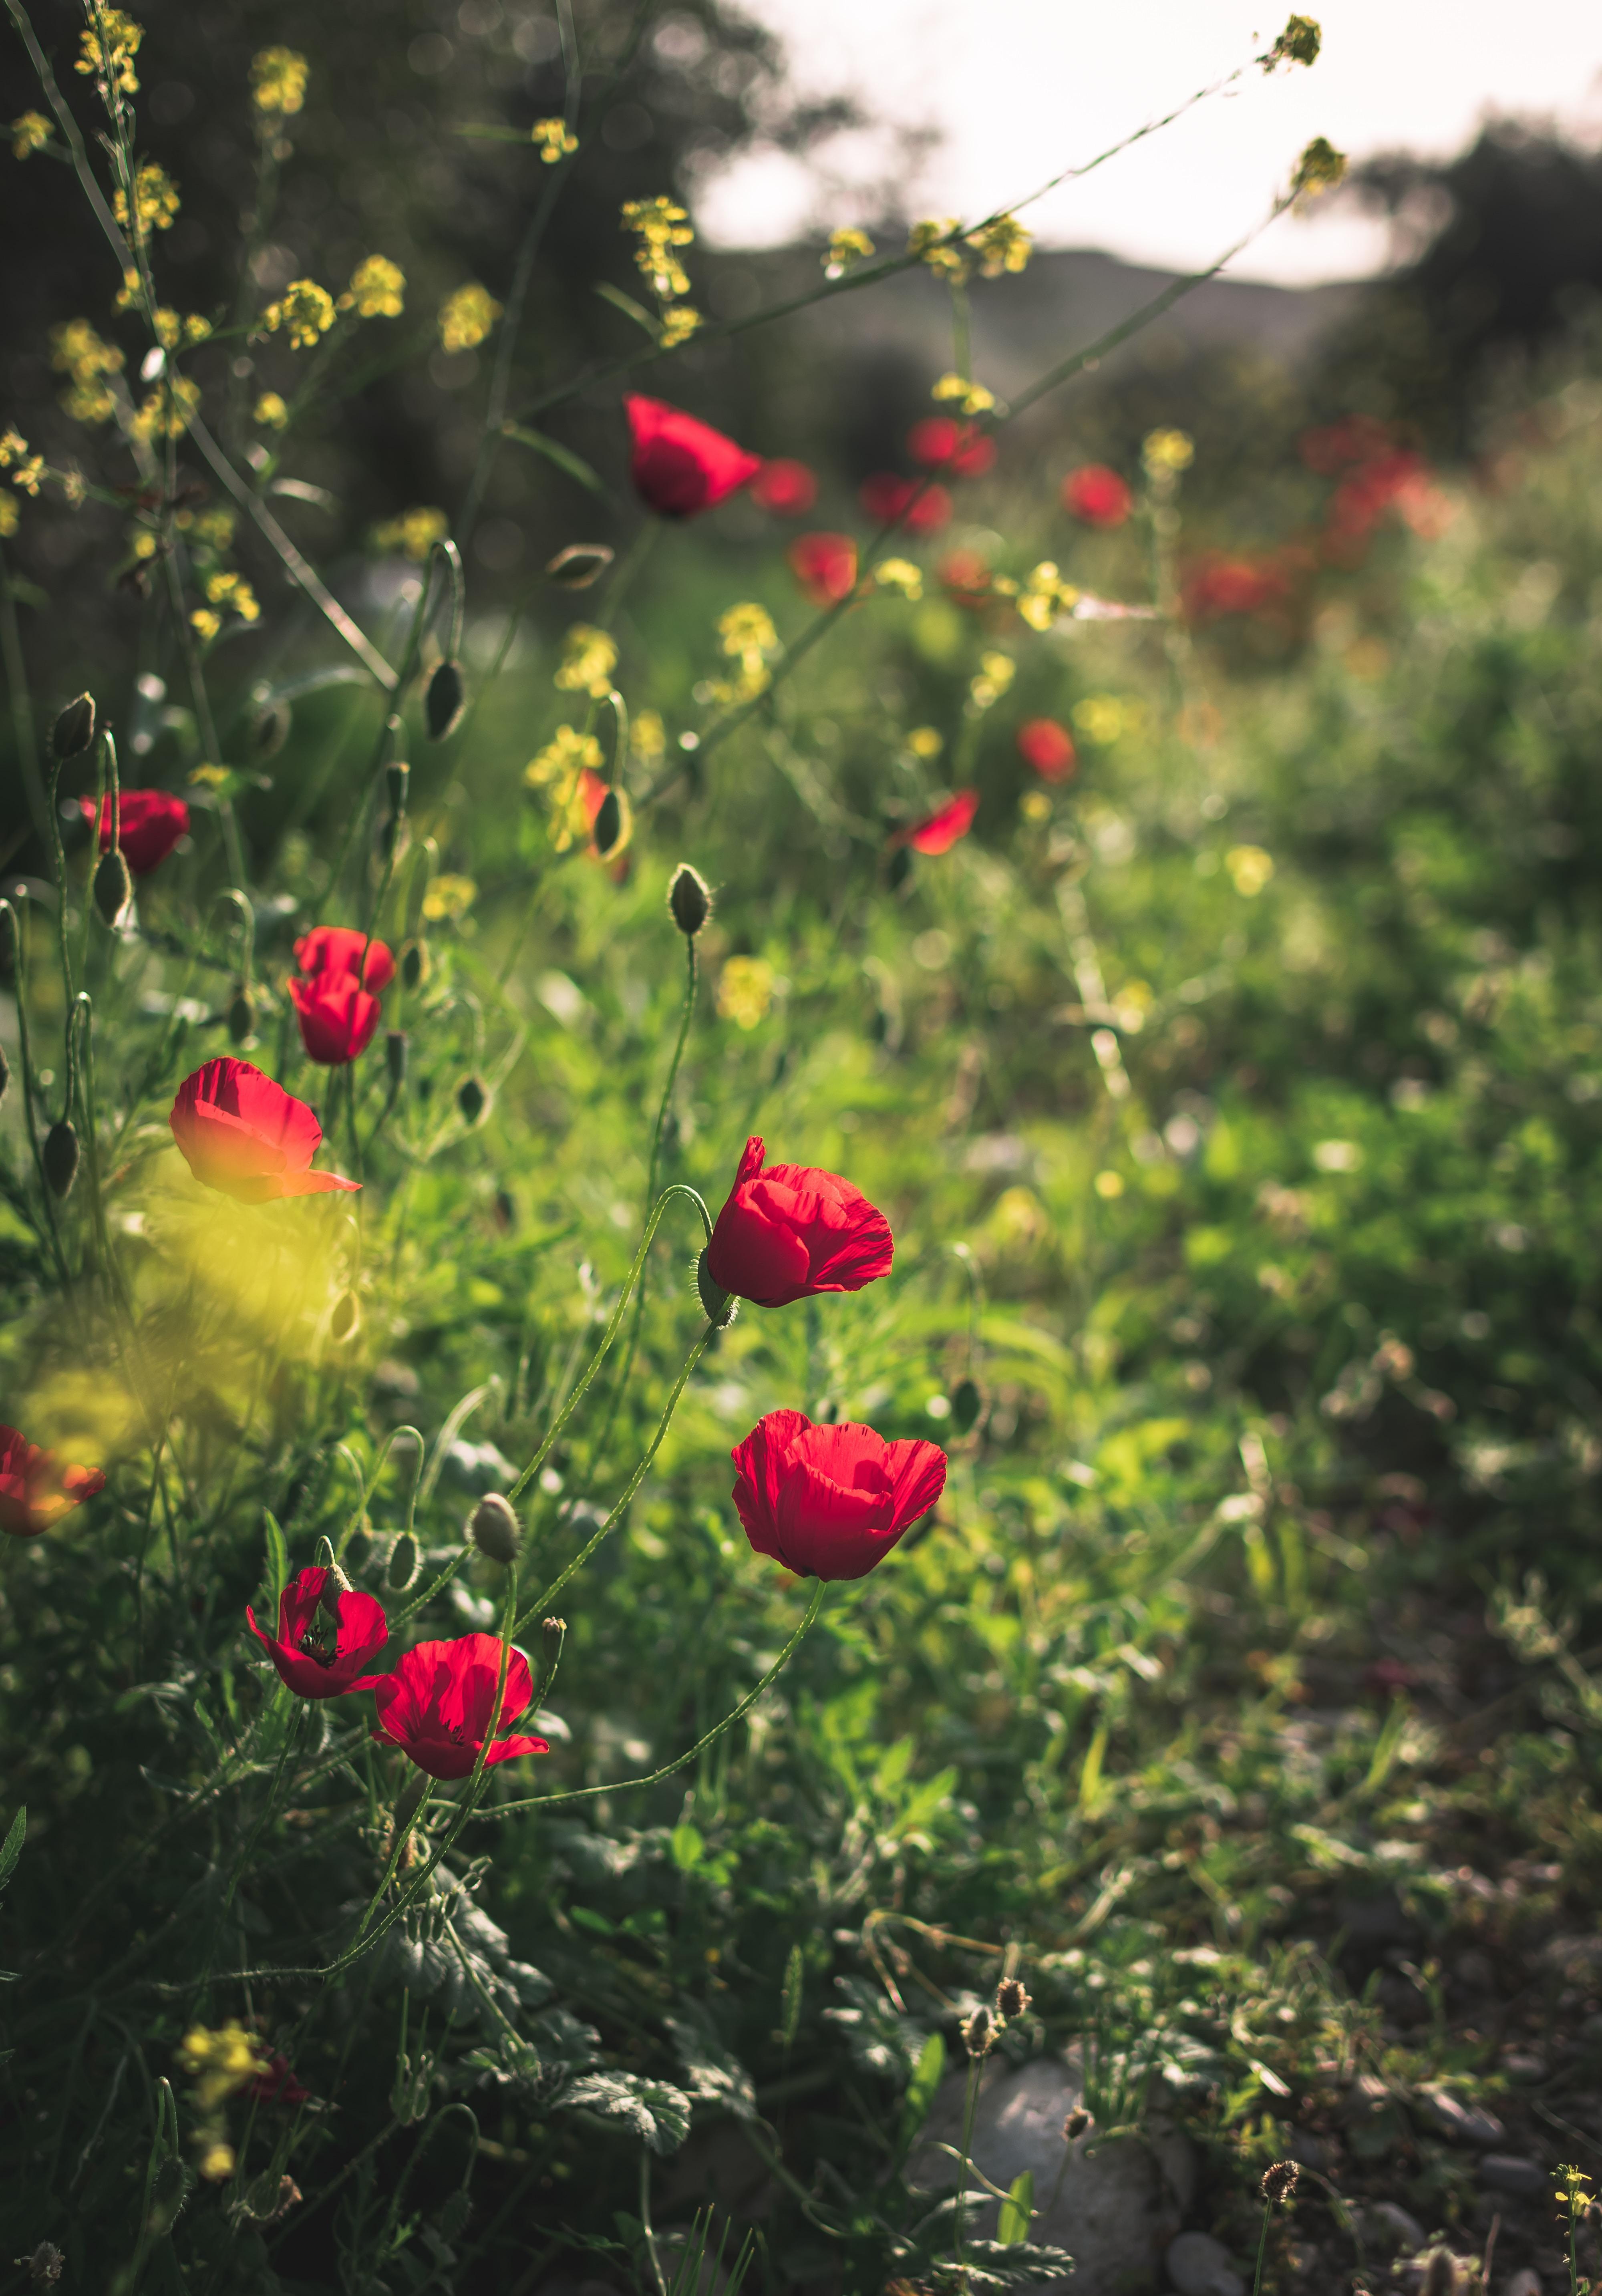 125994 скачать обои Цветы, Маки, Красный, Растение, Цветение - заставки и картинки бесплатно